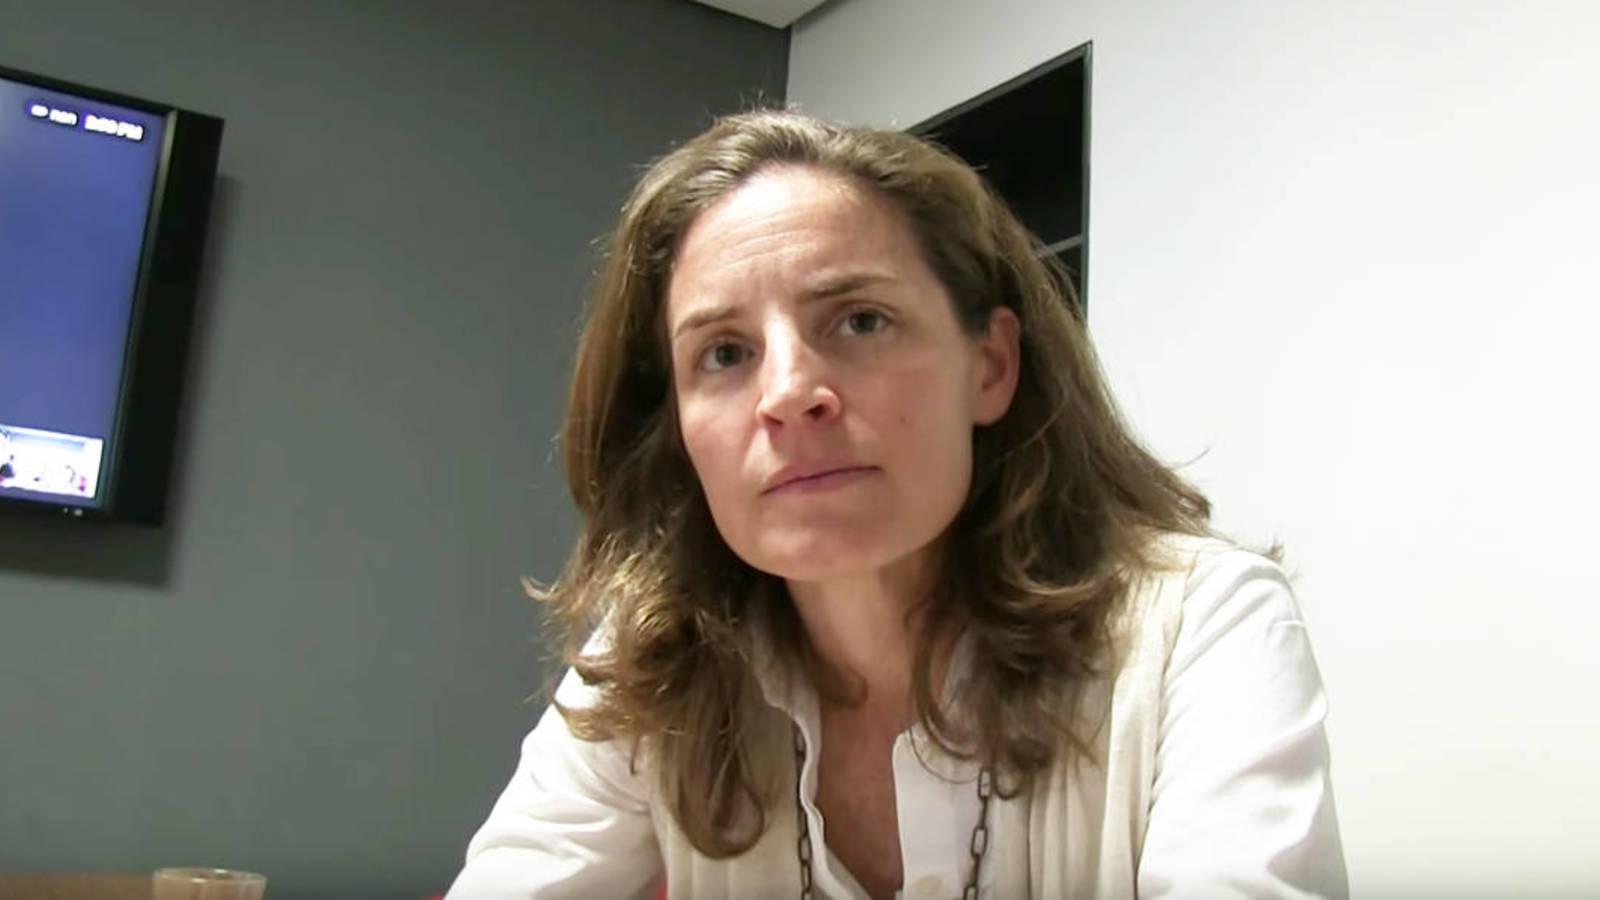 Nathalie Picquot, directora de Twitter en España, dimite en aparente desacuerdo con la censura progre